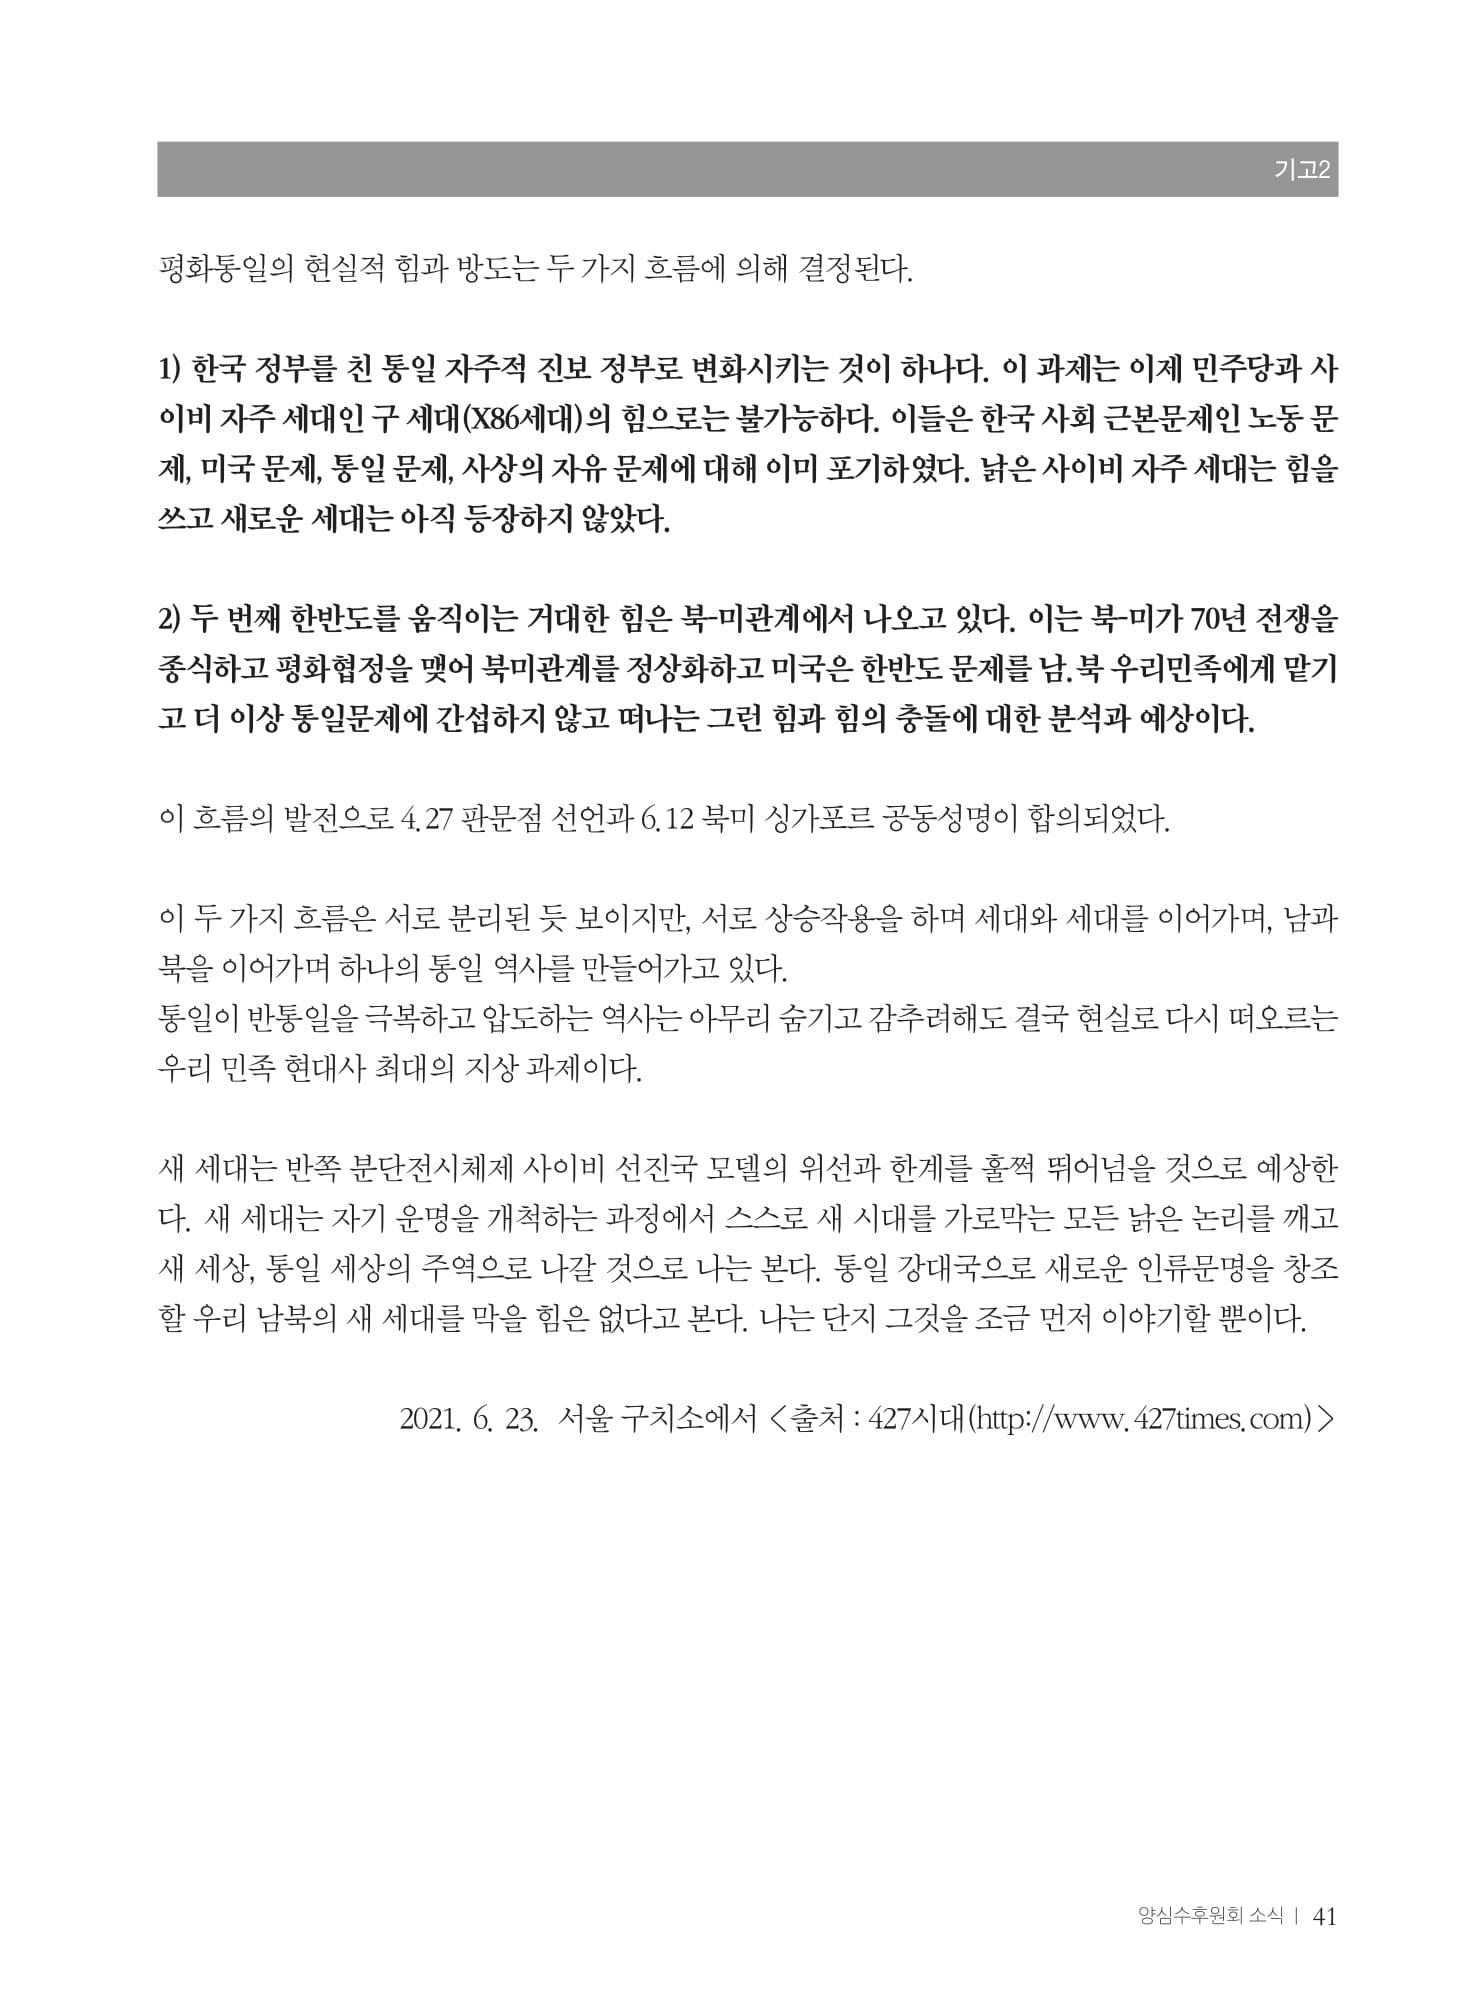 [양심수후원회] 소식지 354호 web 수정-43.jpg